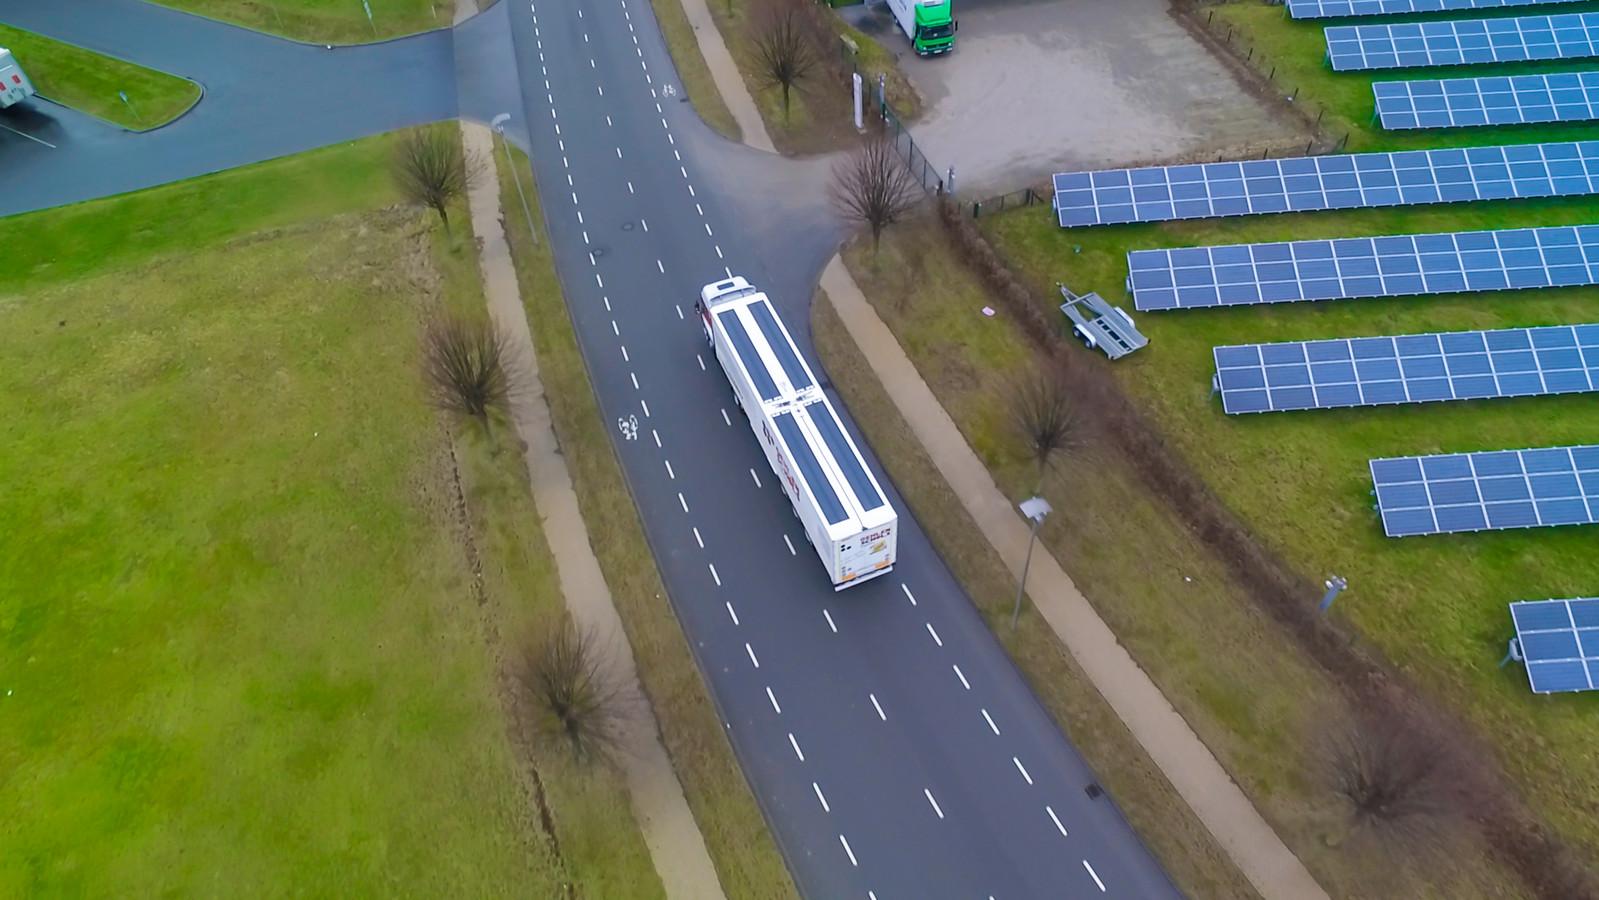 Een vrachtwagen met zonnepanelen op de oplegger.